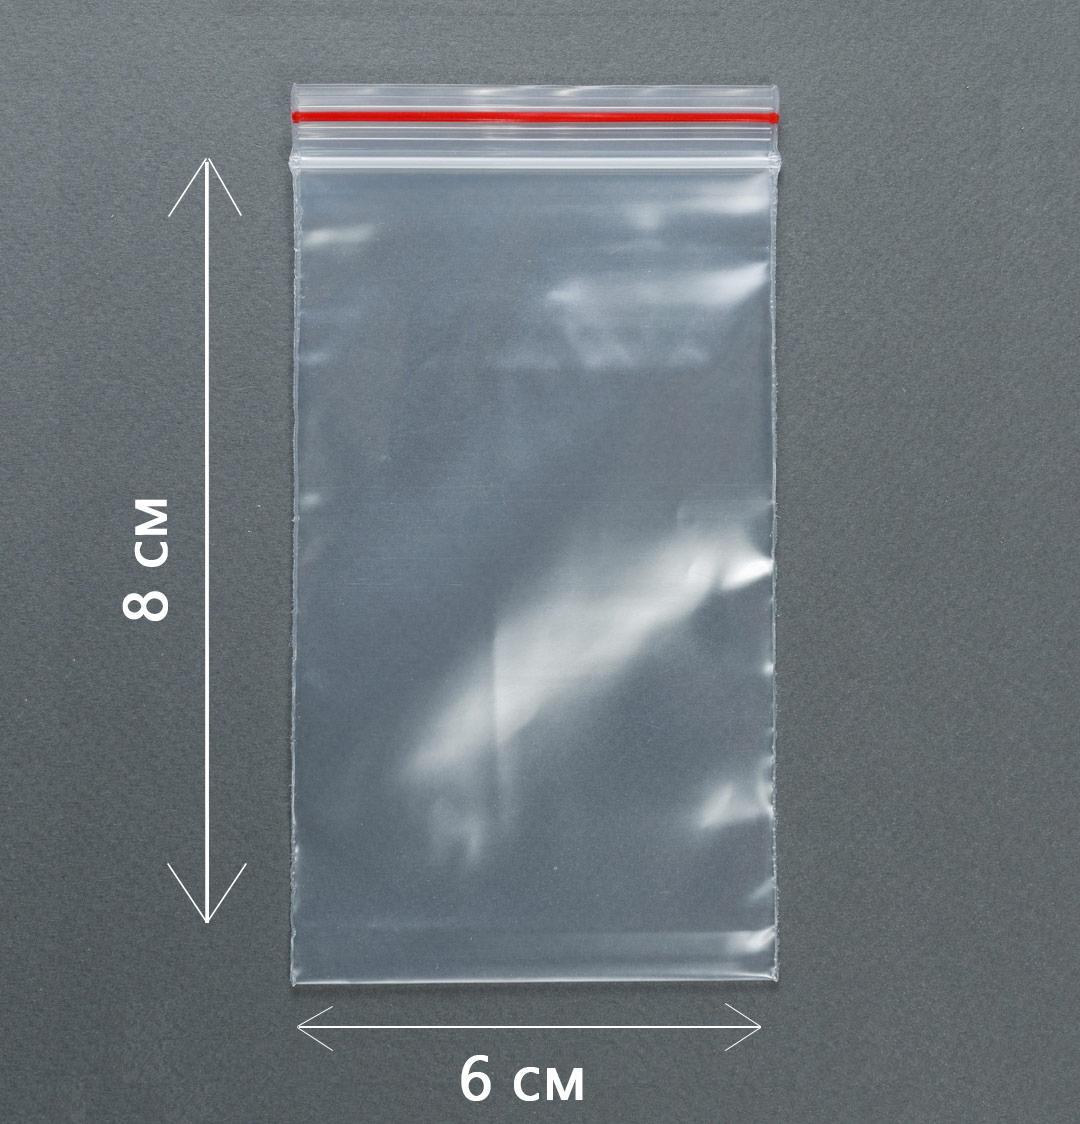 6x8 cm